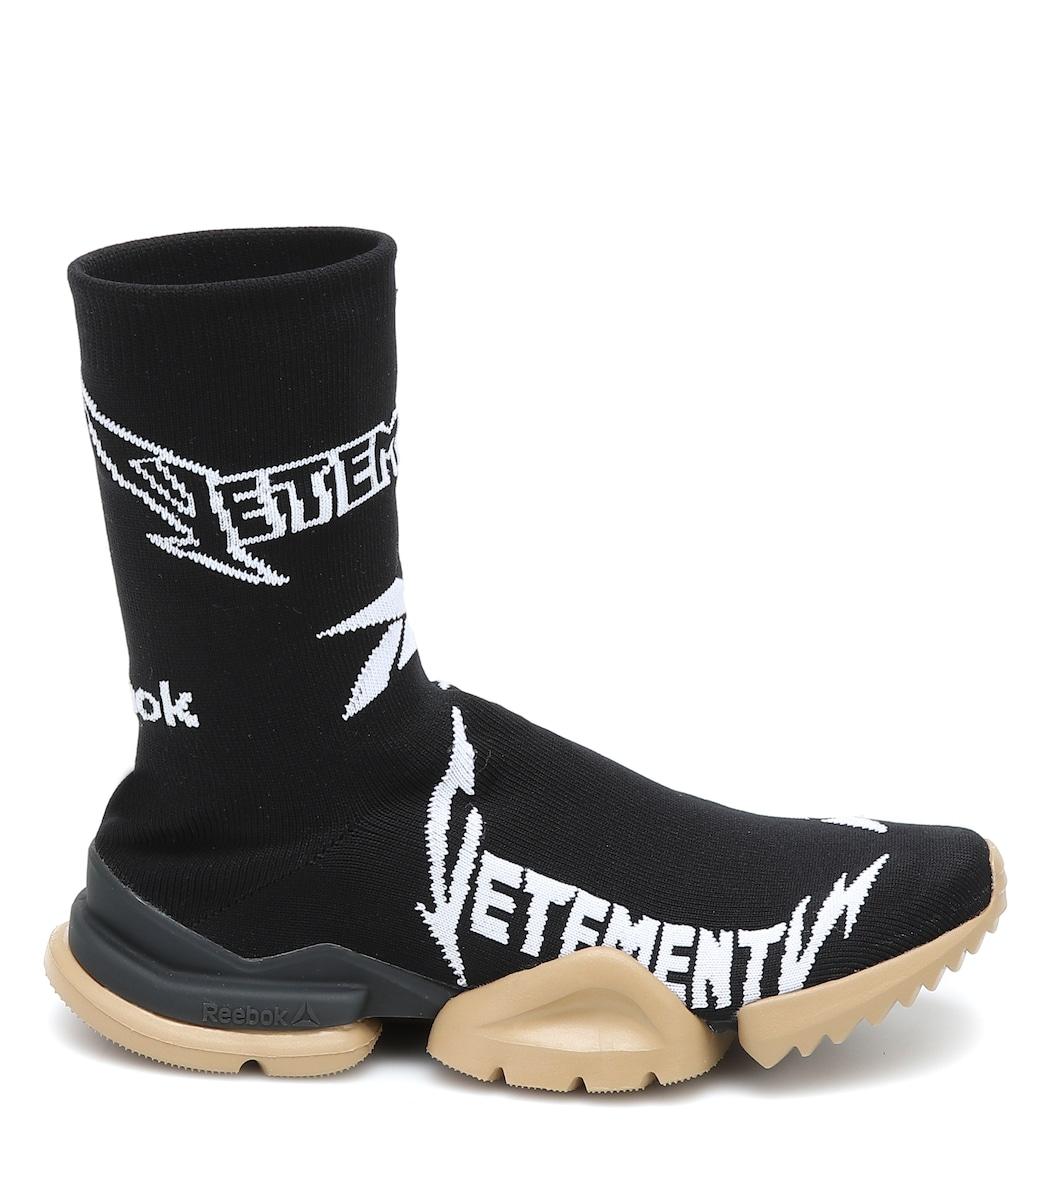 X Reebok Sock Runner Sneakers